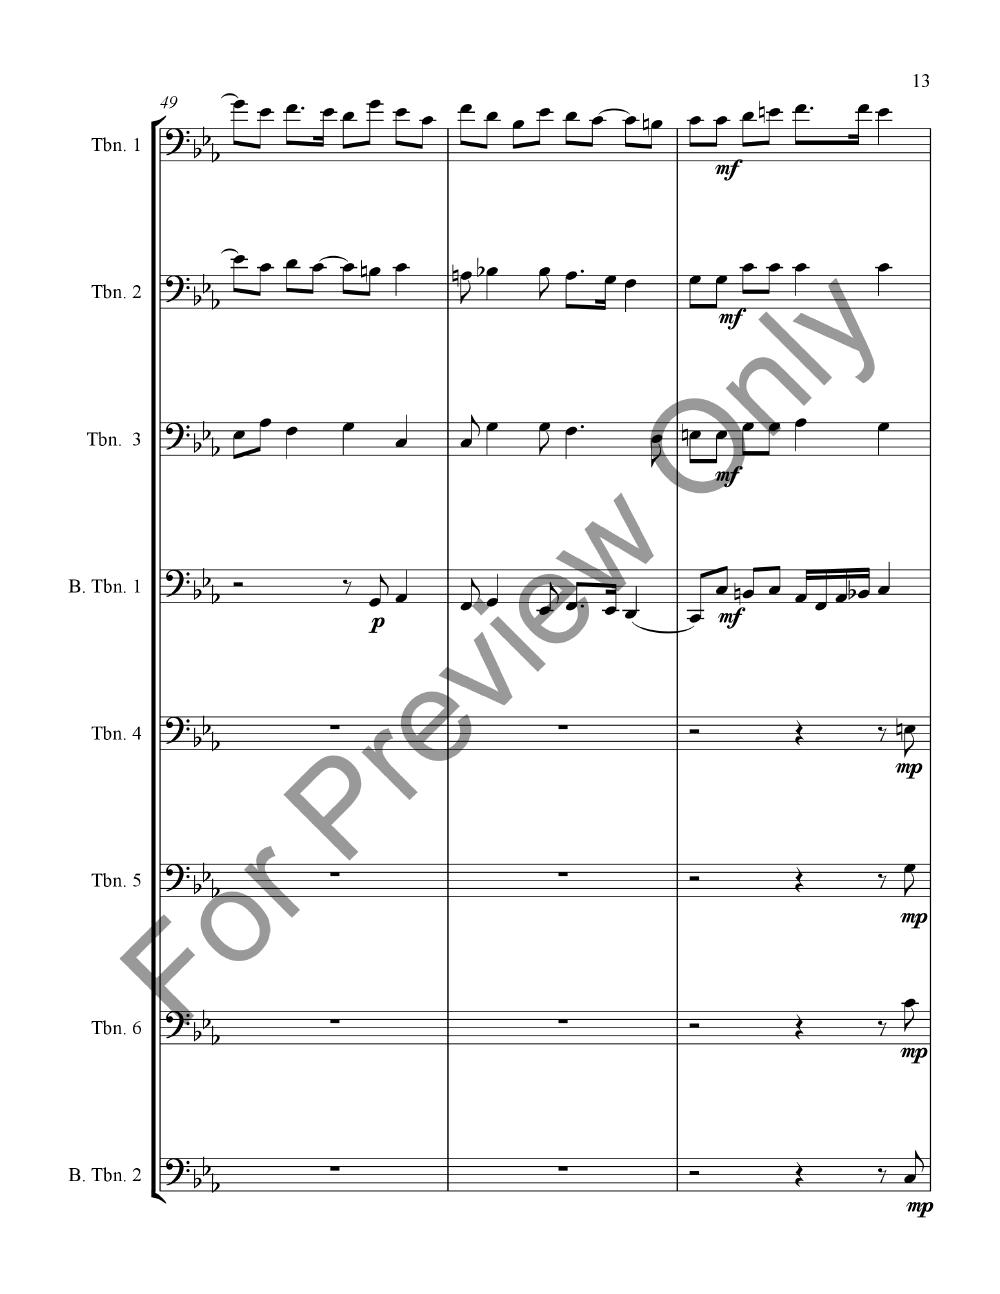 Canzon Septemi Toni No. 2 Thumbnail